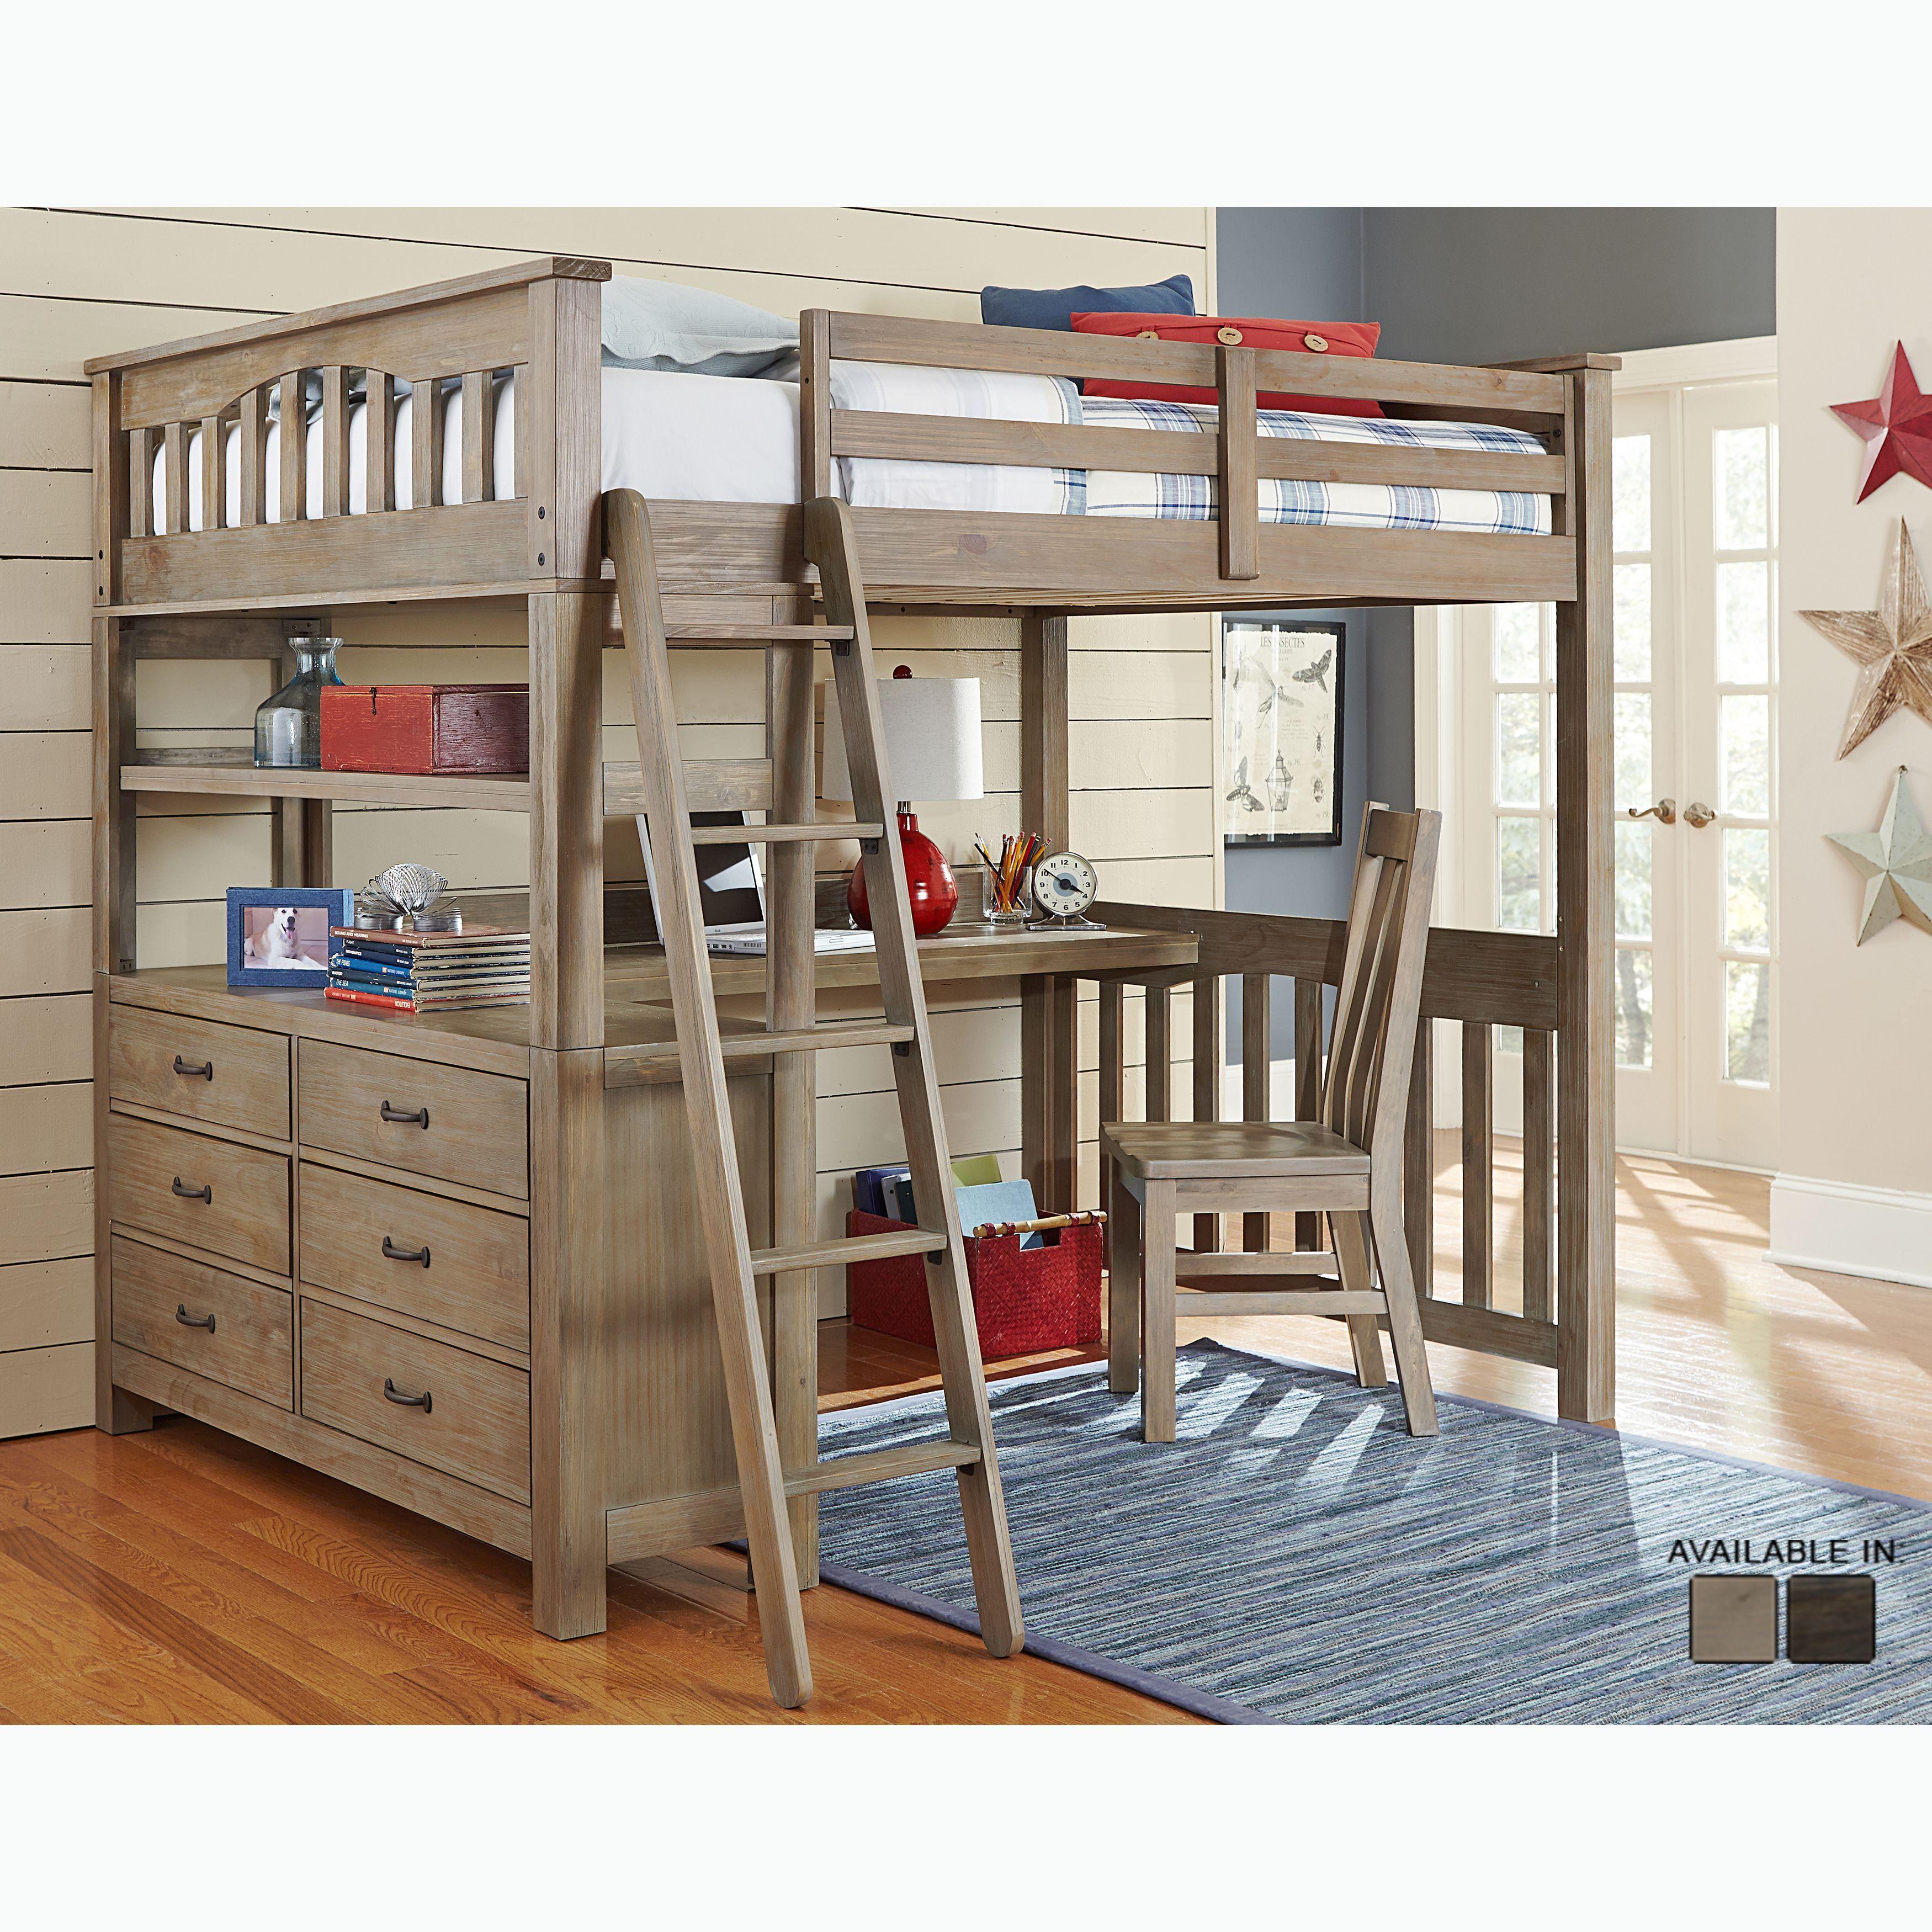 Ne Kids Highlands Collection Driftwood Full Size Loft Bed Dresser